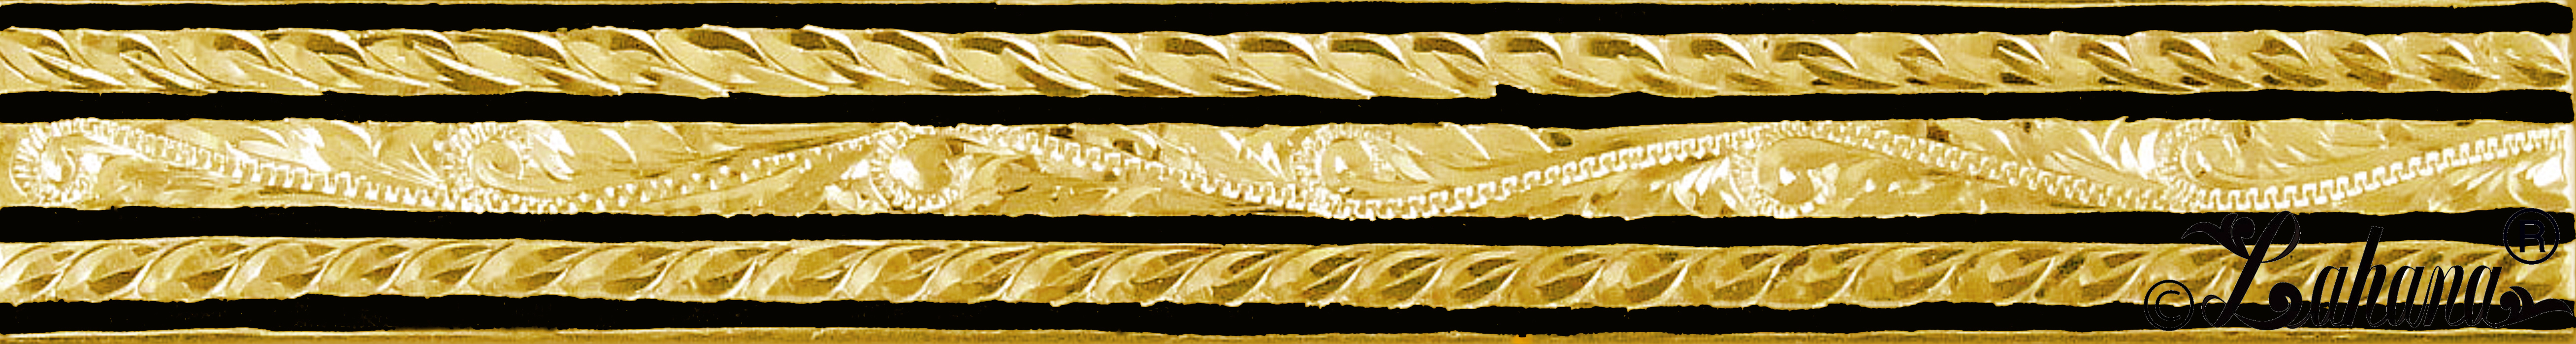 14k-sample-logo-md-h.jpg